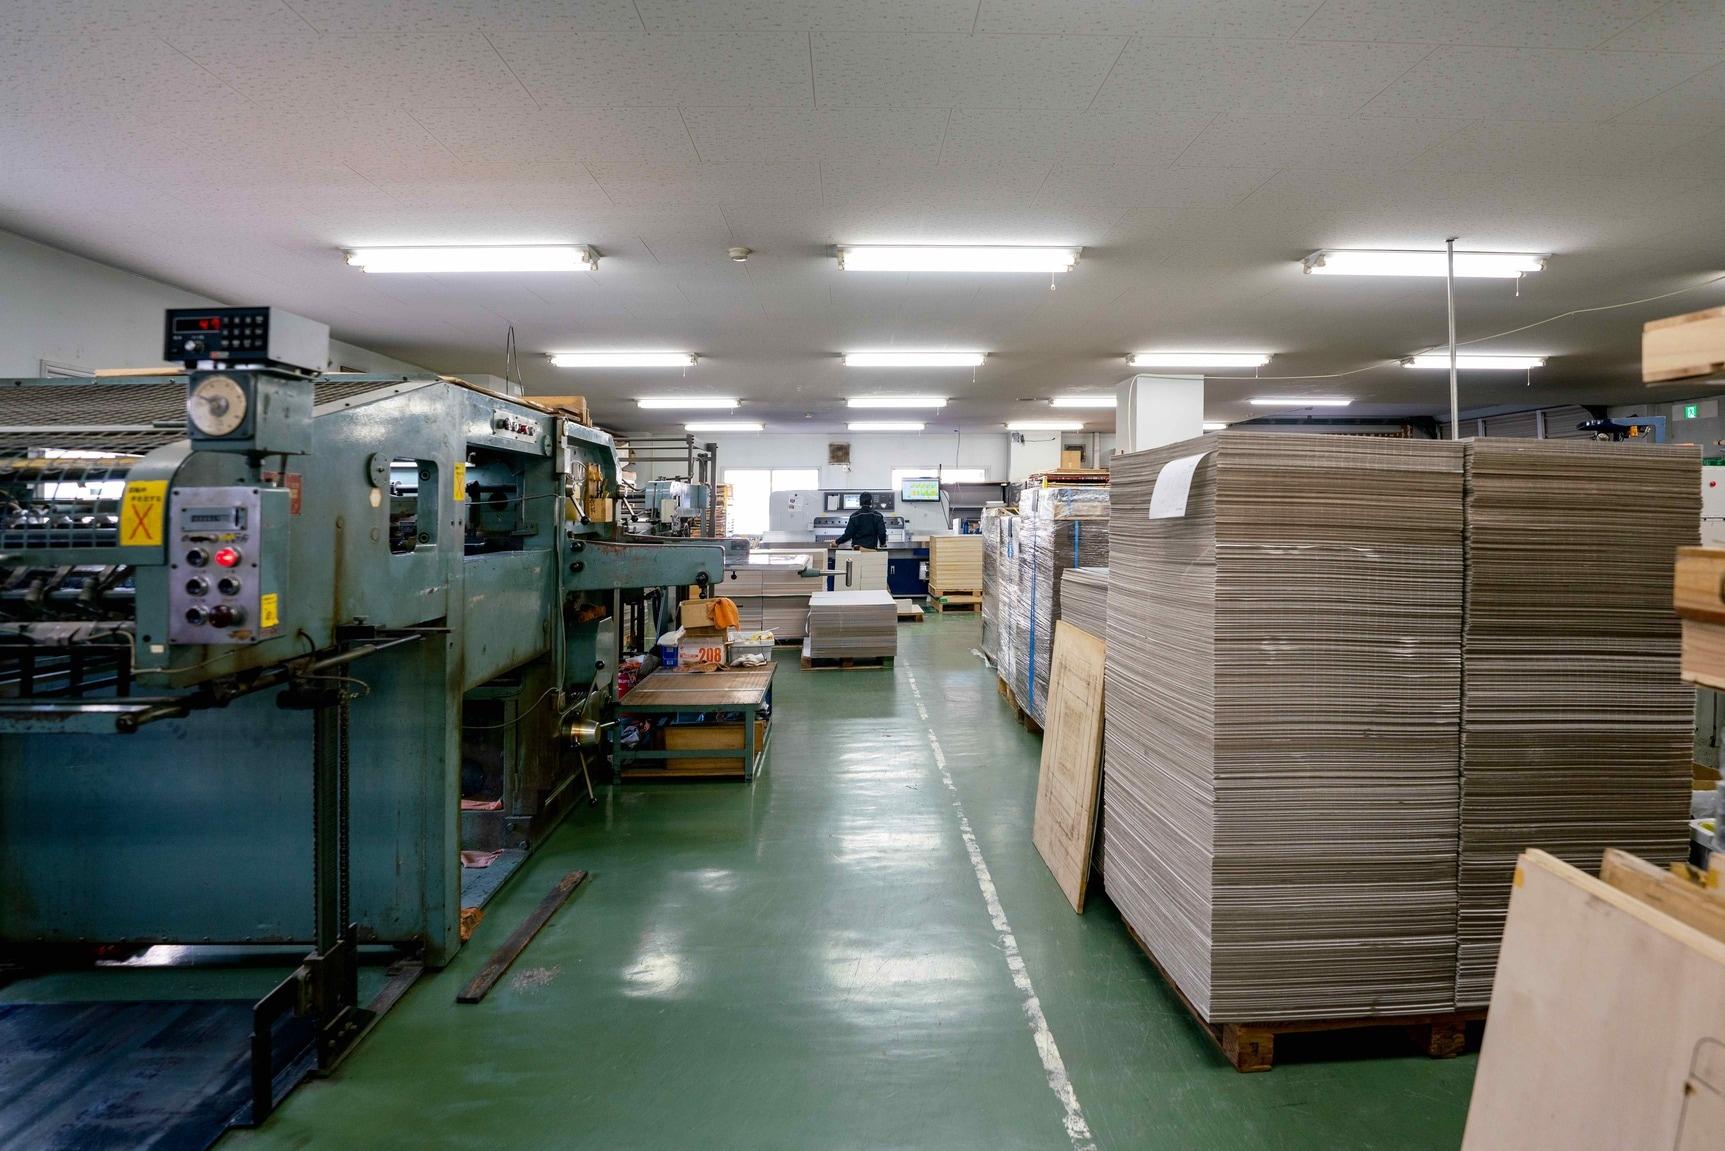 モリタ株式会社のオリジナルパッケージ製造工場